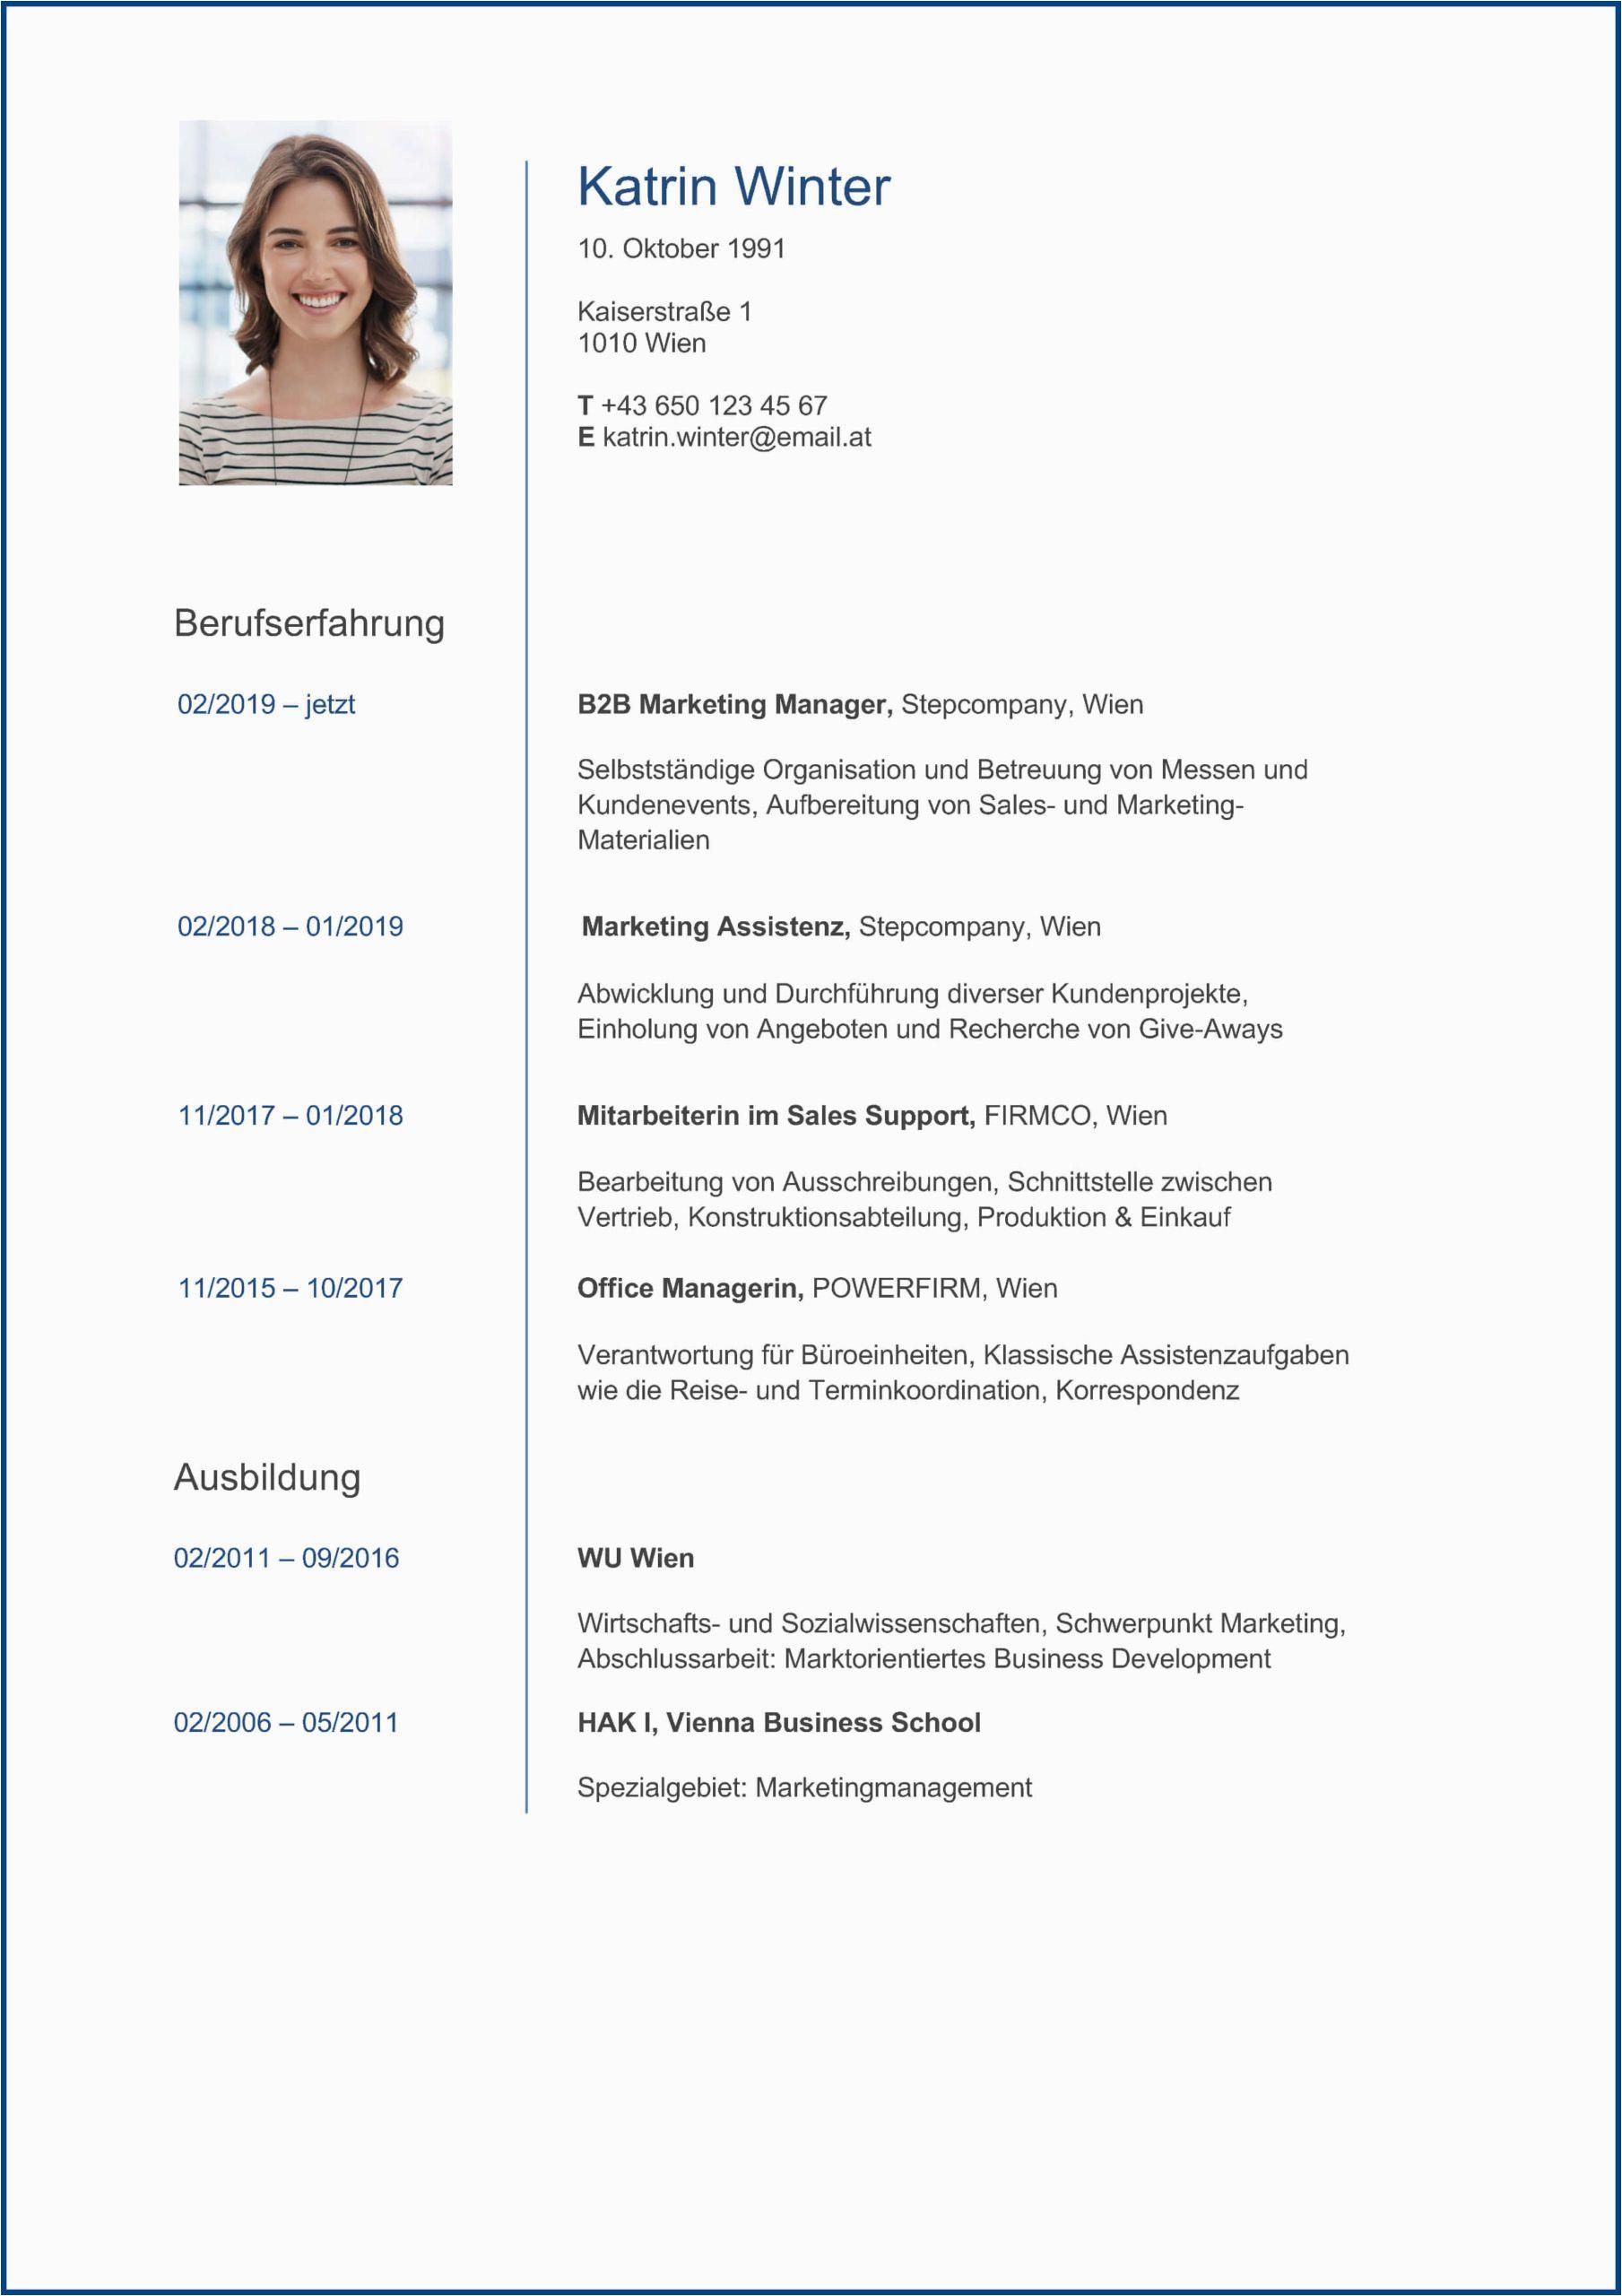 Unsere lebenslauf vorlagen sind darauf ausgerichtet, einen gut strukturierten überblick über deinen berufsweg und deine fähigkeiten zu geben. 61 Ide Lebenslauf Vorlage Kostenlos Desain Cv Cv Kreatif Bahasa Jerman